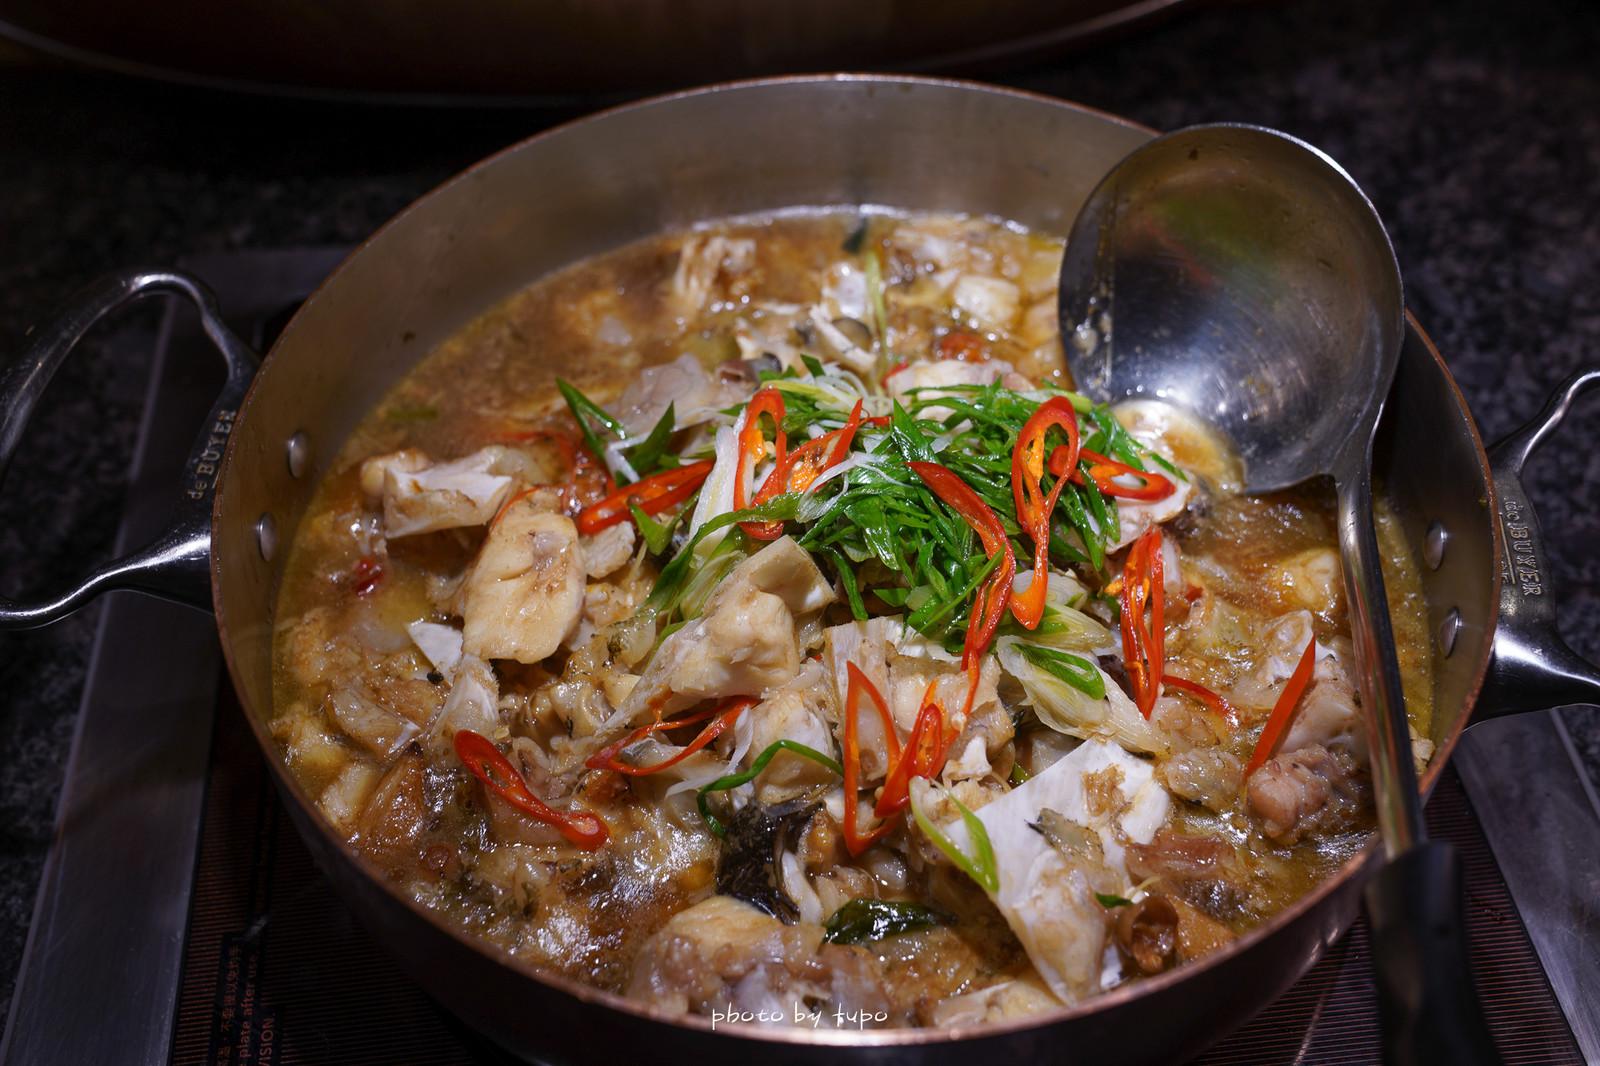 台北吃到飽》十二廚吃到飽自助餐廳Kitchen 12~改裝登場!台北喜來登大飯店,必吃蒸海鮮.現切牛肉.舒芙蕾厚鬆餅,超過120道料理一次滿足味蕾